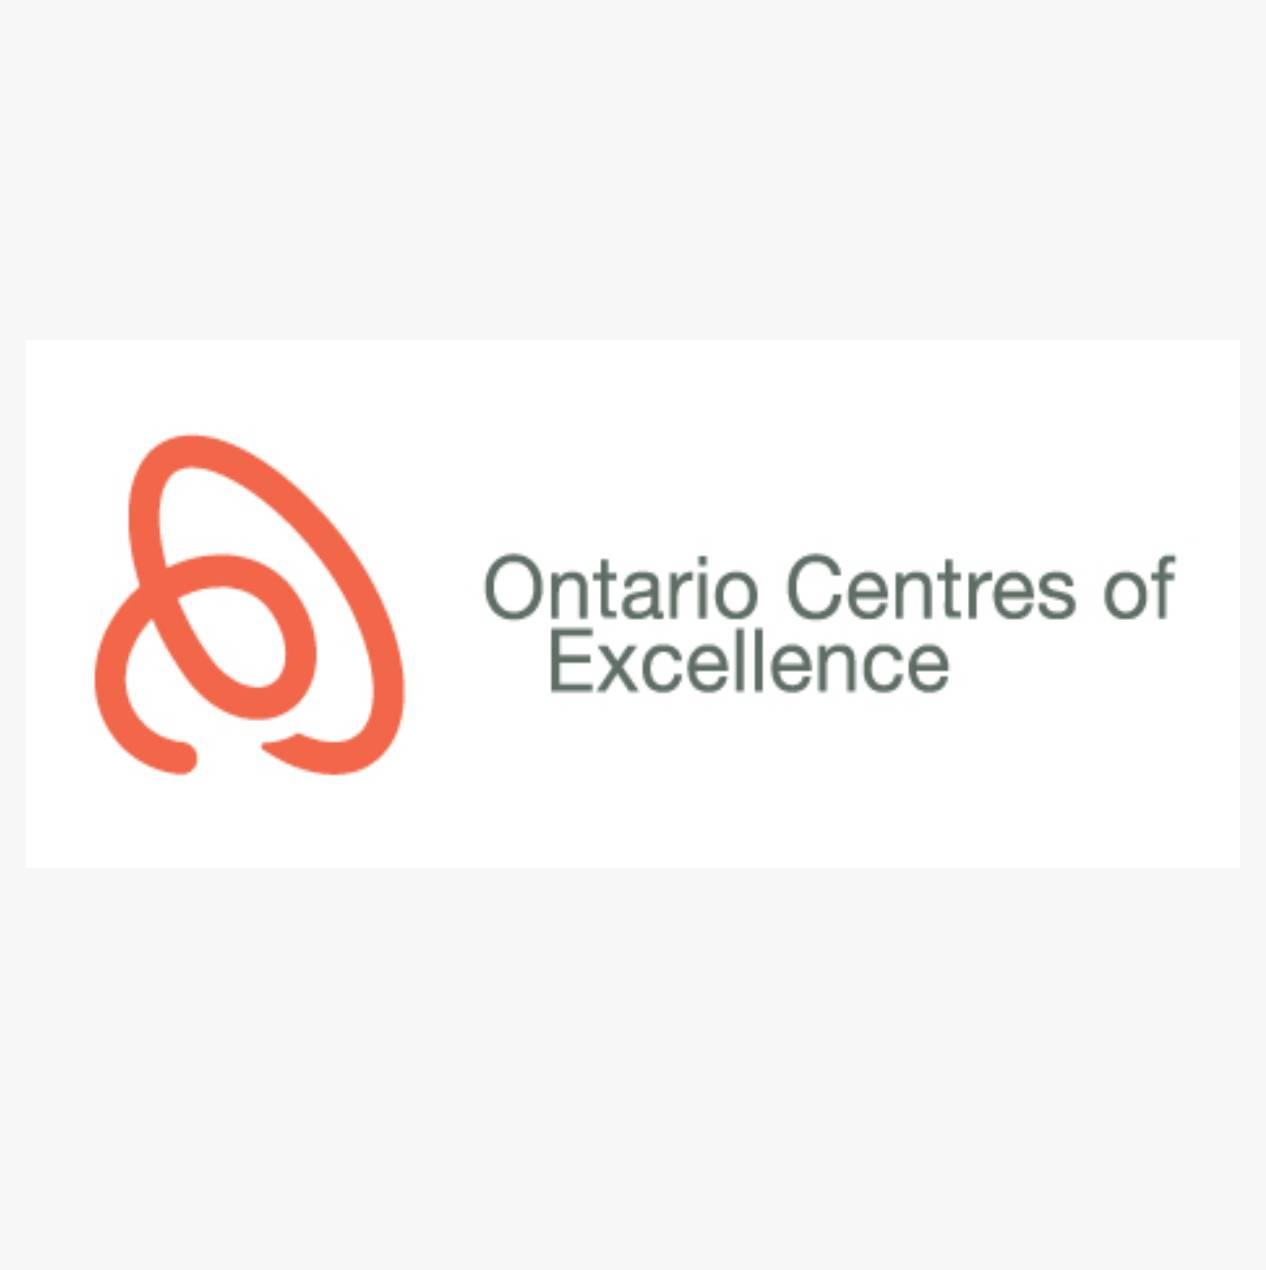 Ontario Centres of Execellence